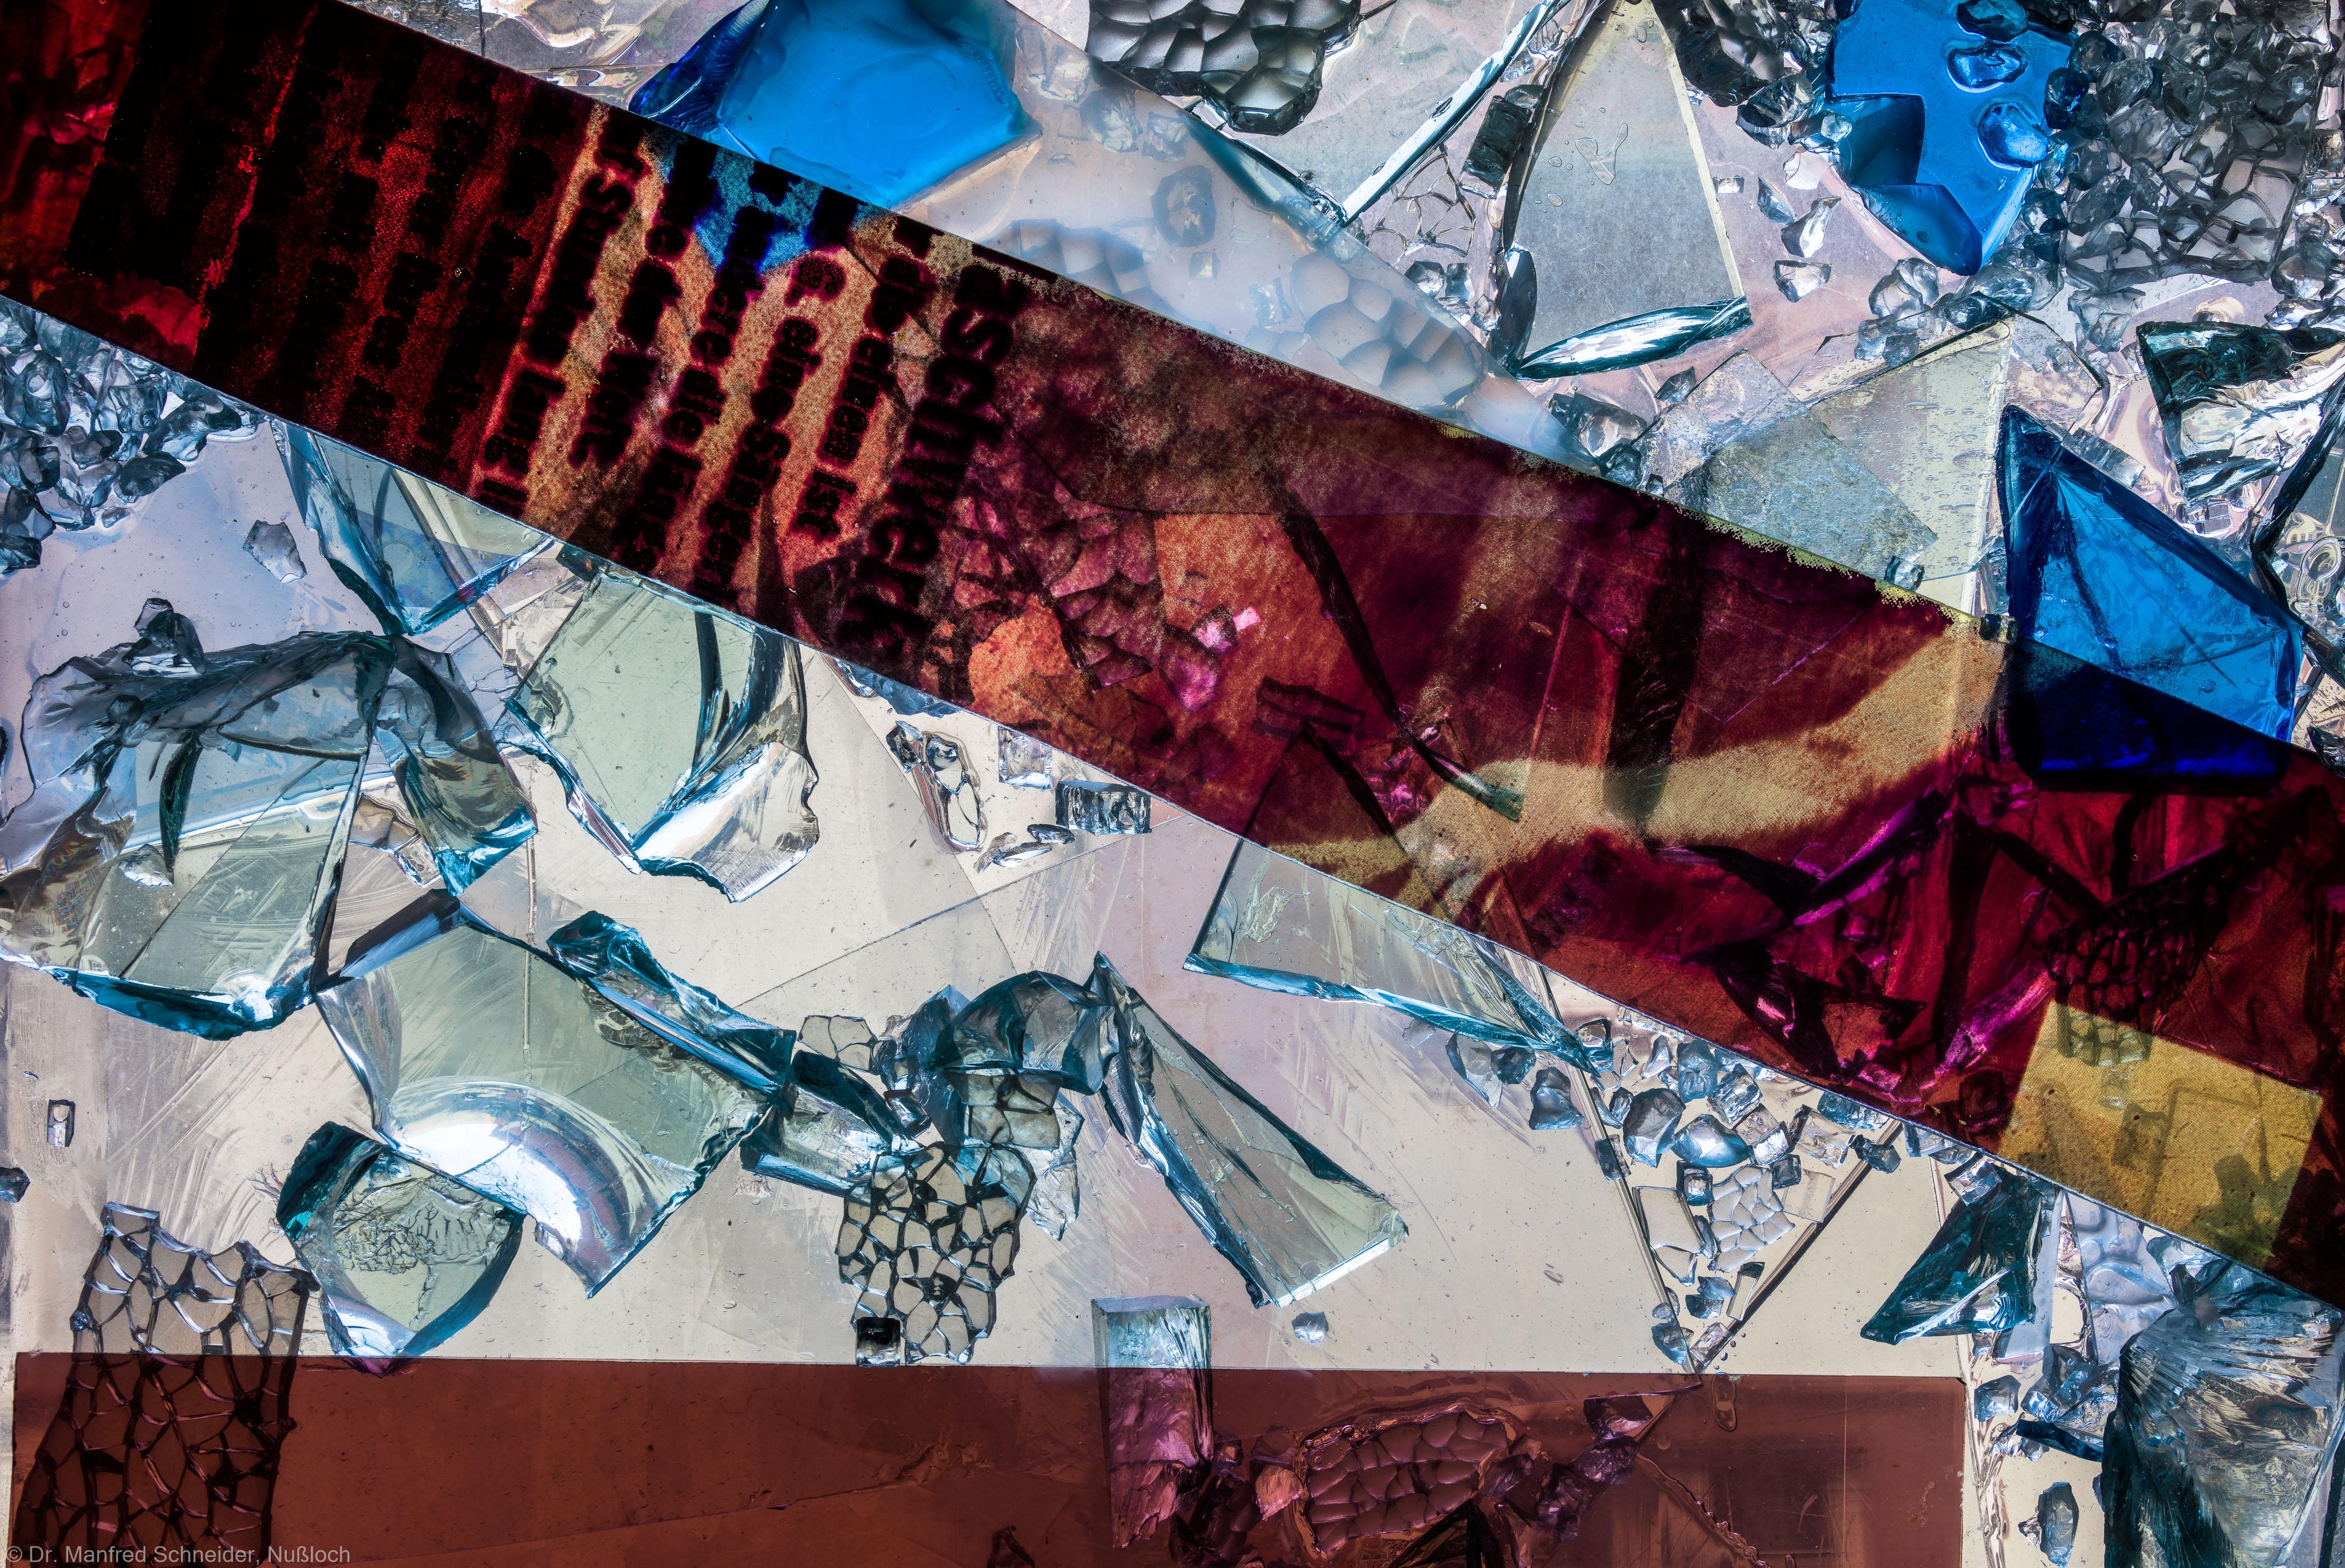 """Heidelberg - Heiliggeistkirche - Nordschiff - 2. Joch, von Westen aus gezählt - Ausschnitt aus Feld (rechte Bahn, zweite Zeile) des Fensters """"Schöpfungsgeschichte - Gottes Geist über dem Chaos"""" von Hella De Santarossa (aufgenommen im Oktober 2015, um die Mittagszeit)"""